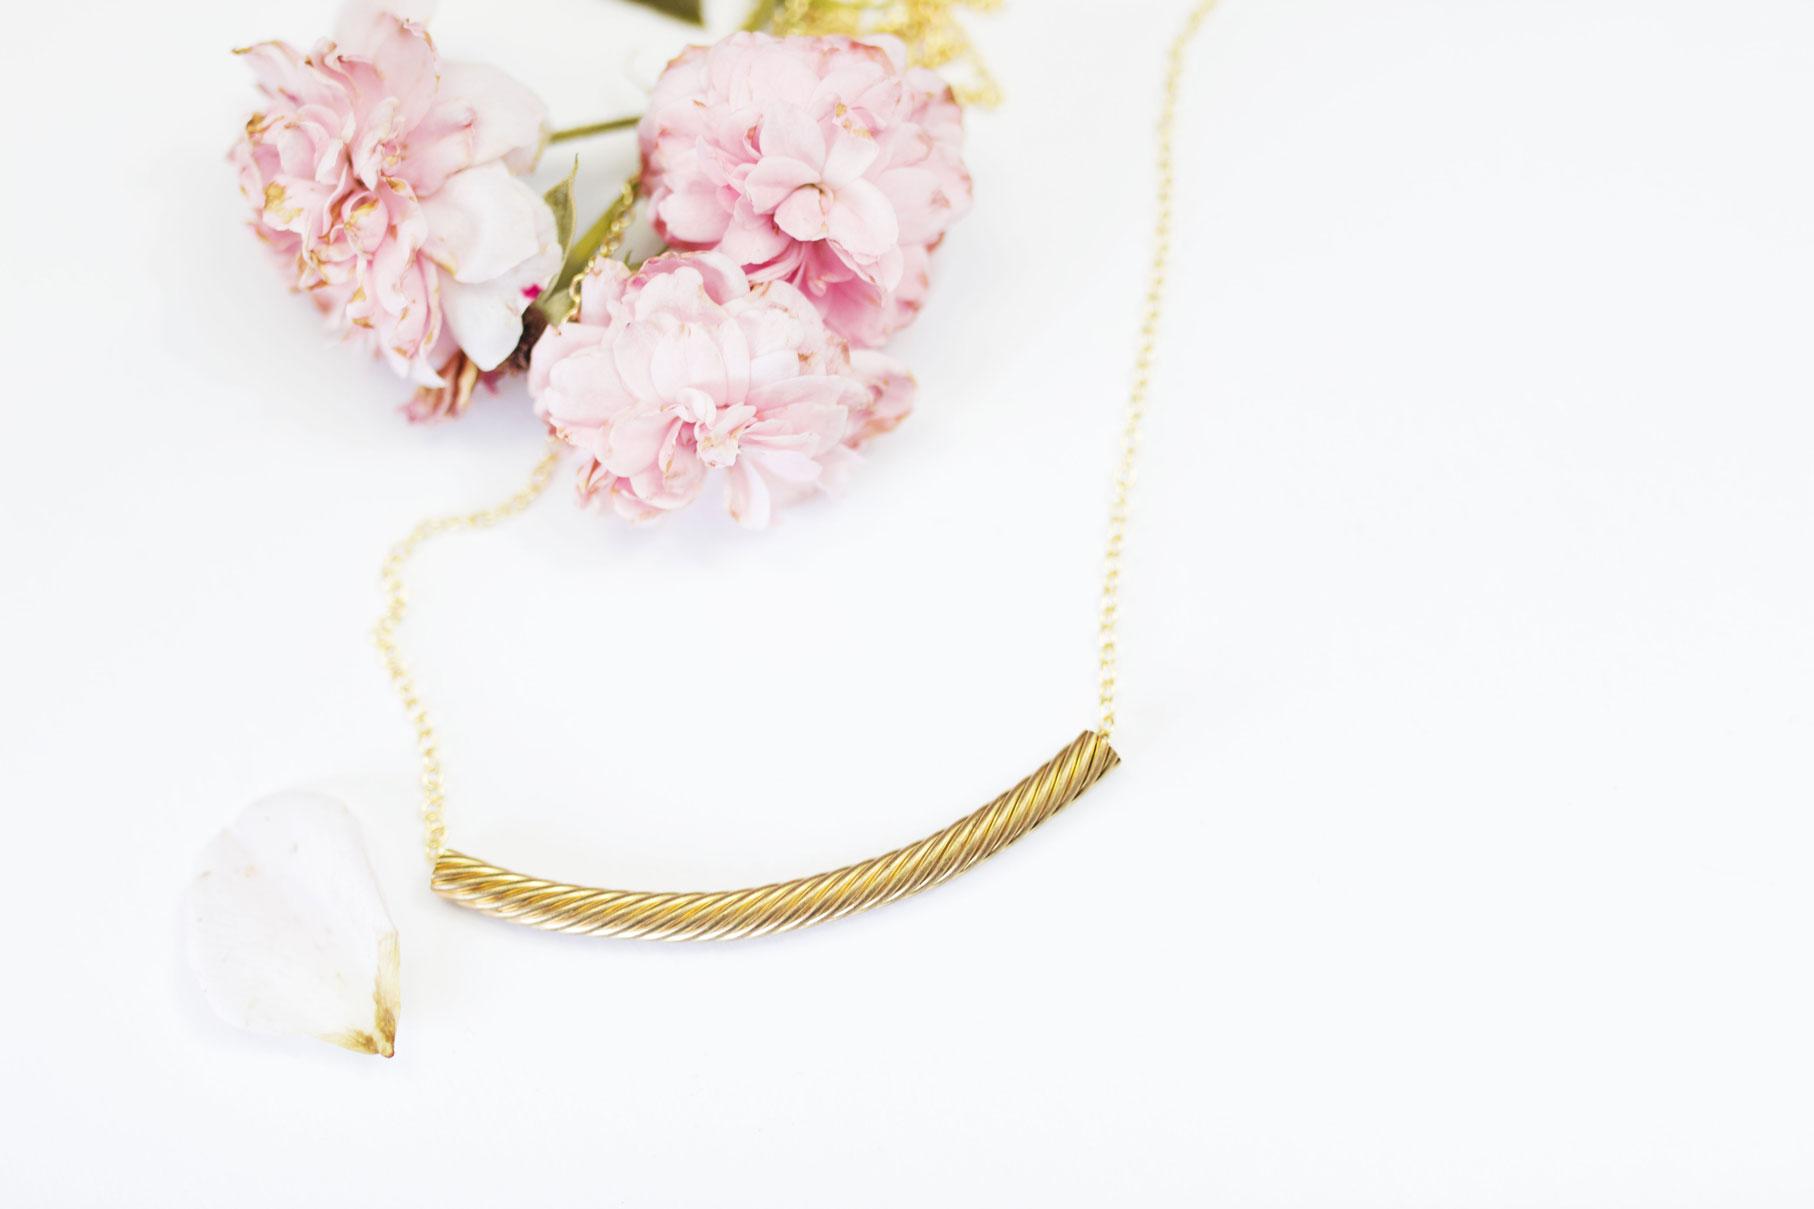 collier doré sur fond blanc avec fleurs roses